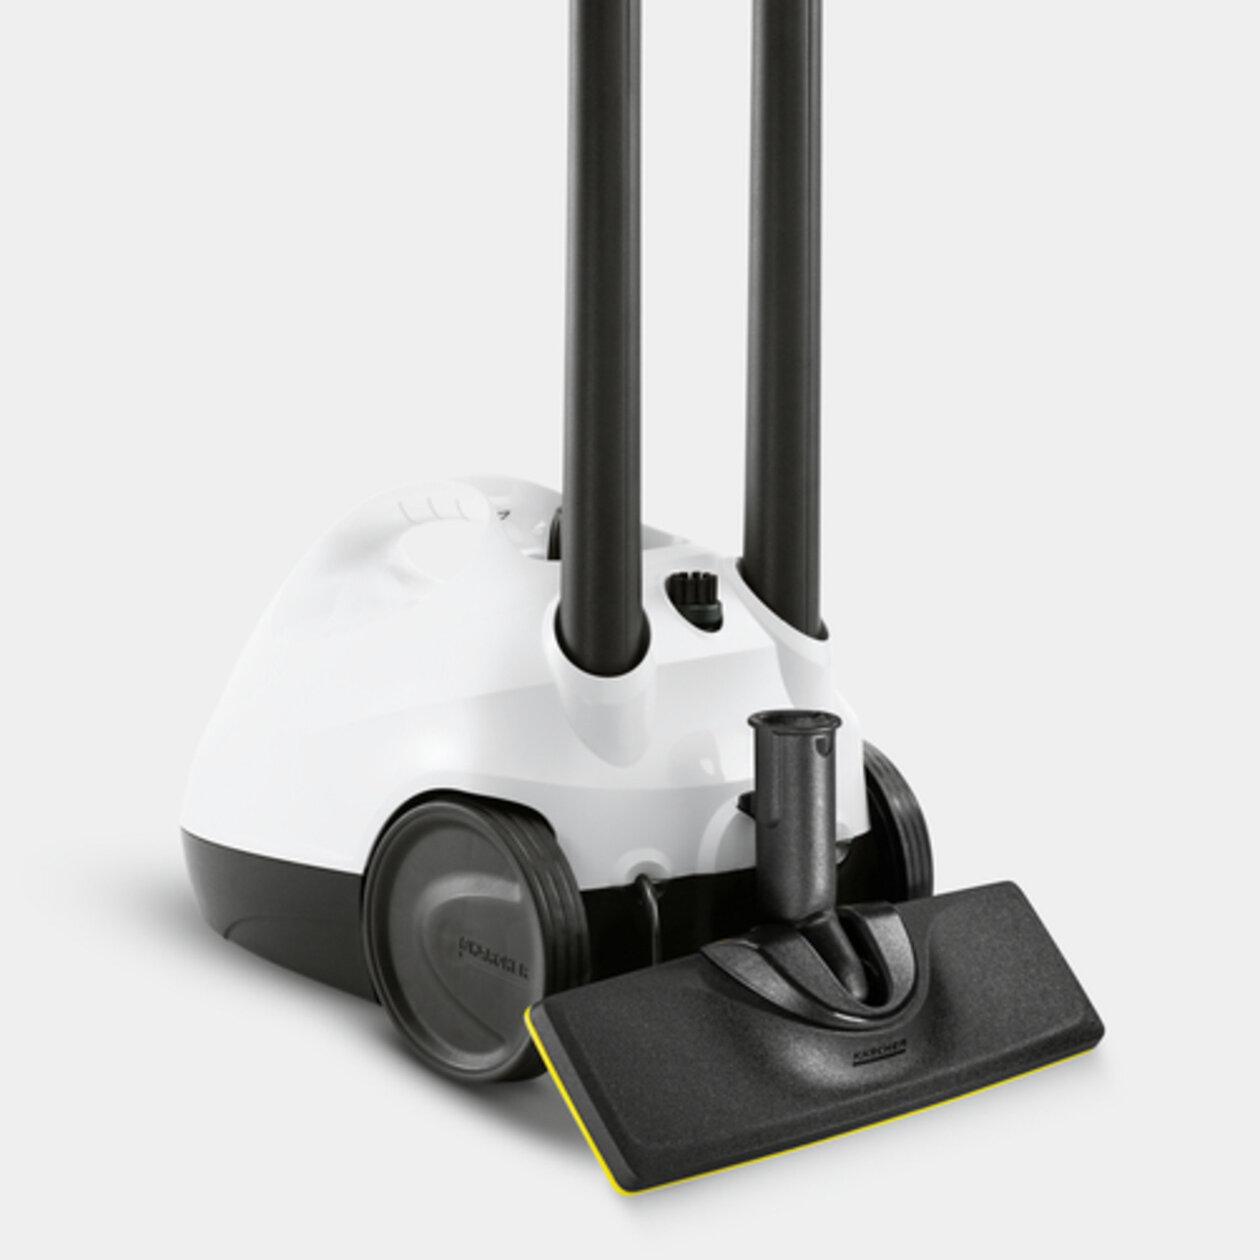 Gőztisztító SC 2 EasyFix Premium (fehér): Tartozéktárolás és parkolóállás